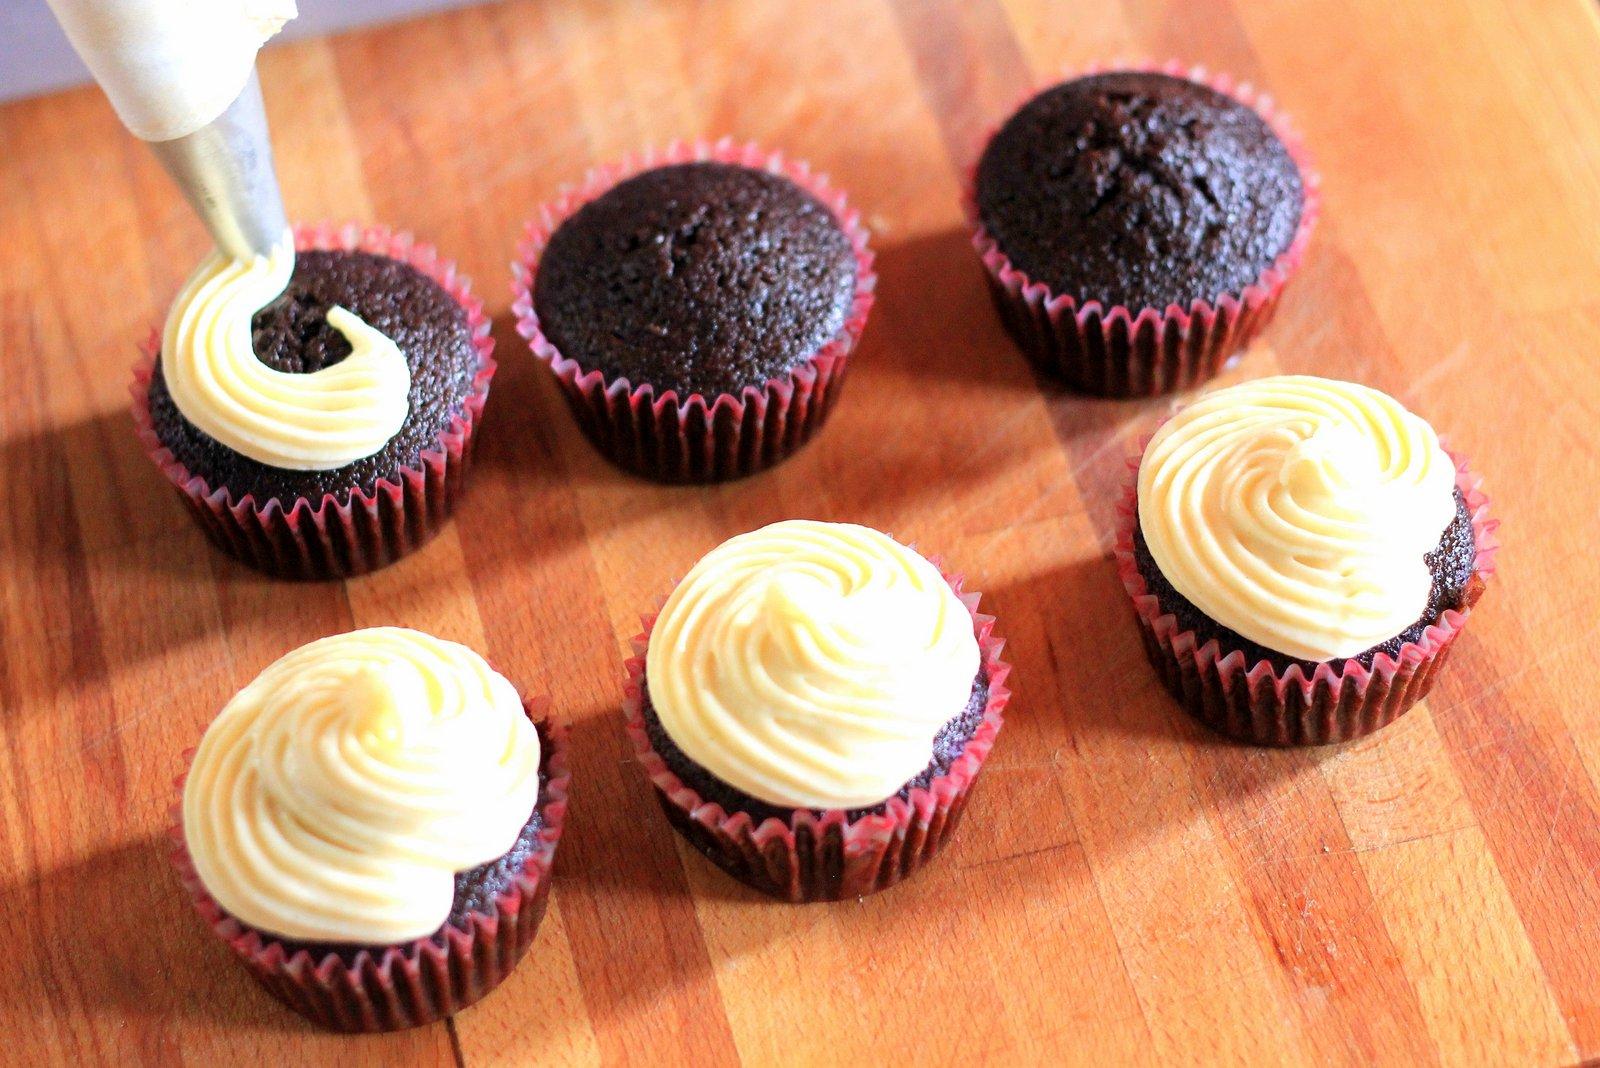 cupcakes - recept, malinove